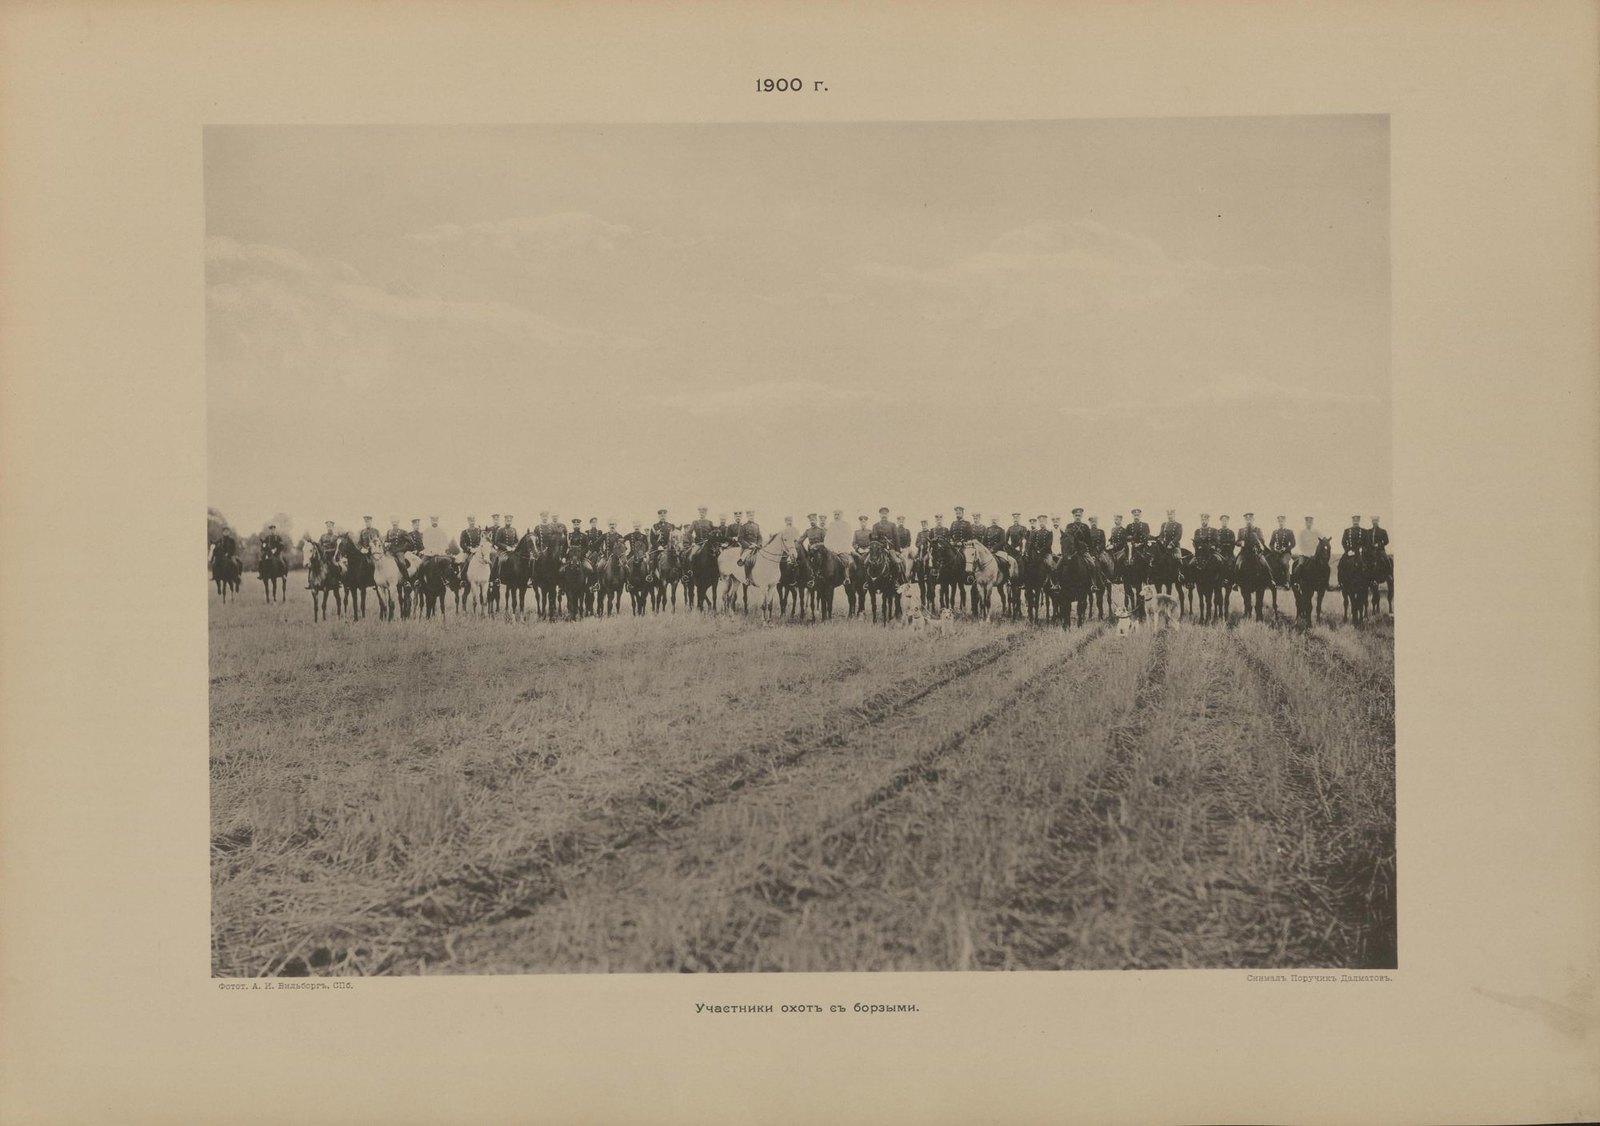 18. Участники охот с борзыми